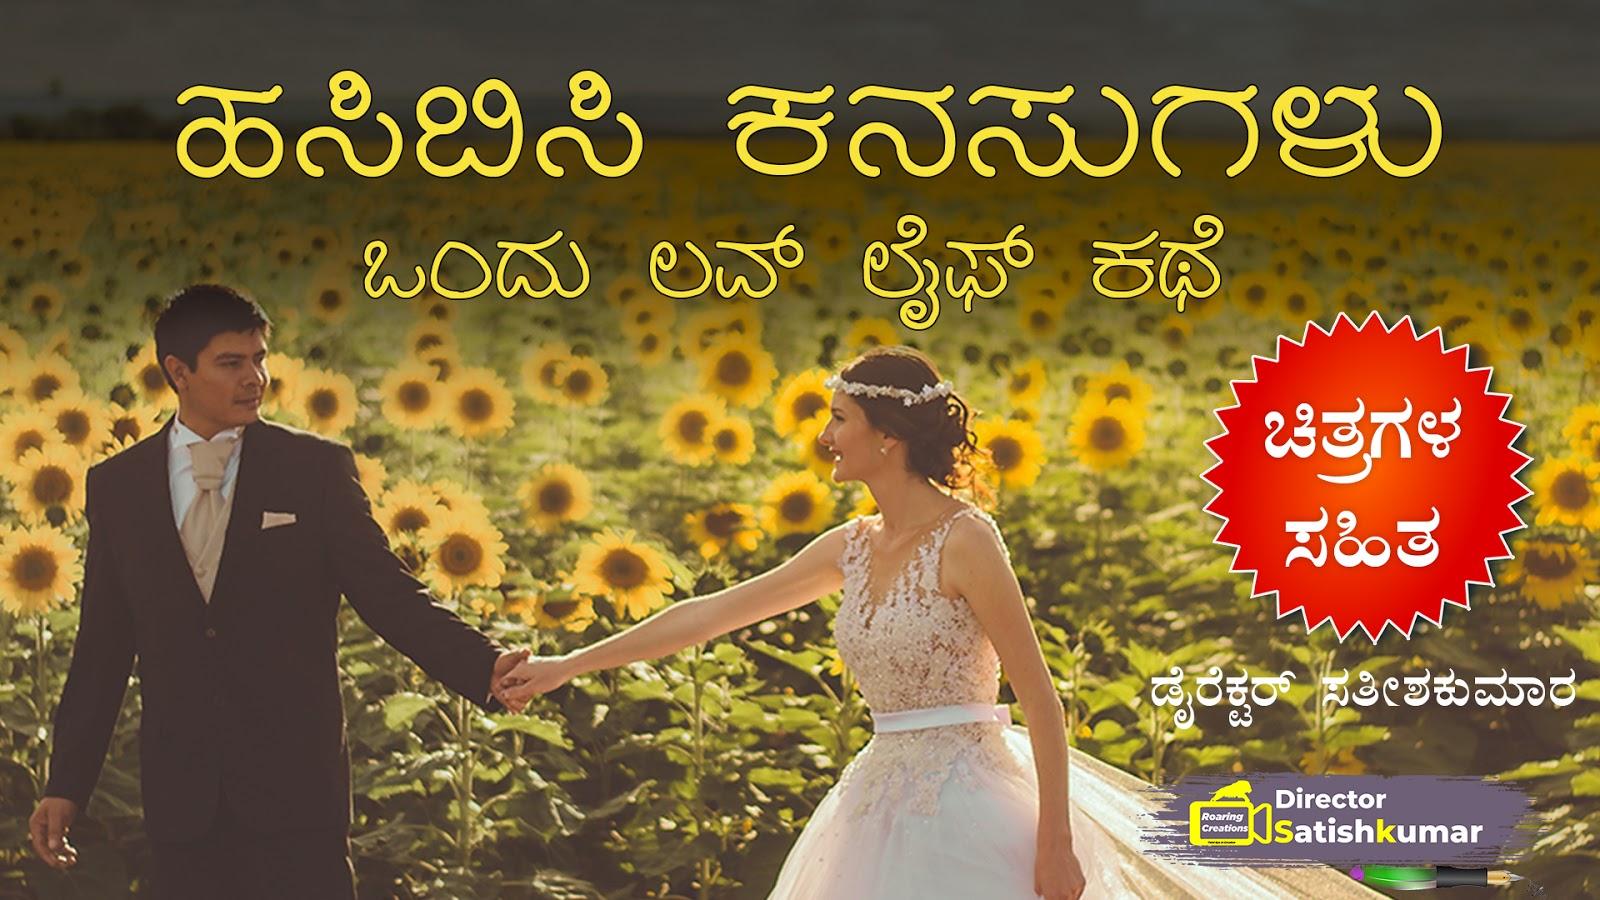 ಹಸಿಬಿಸಿ ಕನಸುಗಳು : ಒಂದು ಲವ್ ಲೈಫ್ ಕಥೆ - Kannada Love Life Story